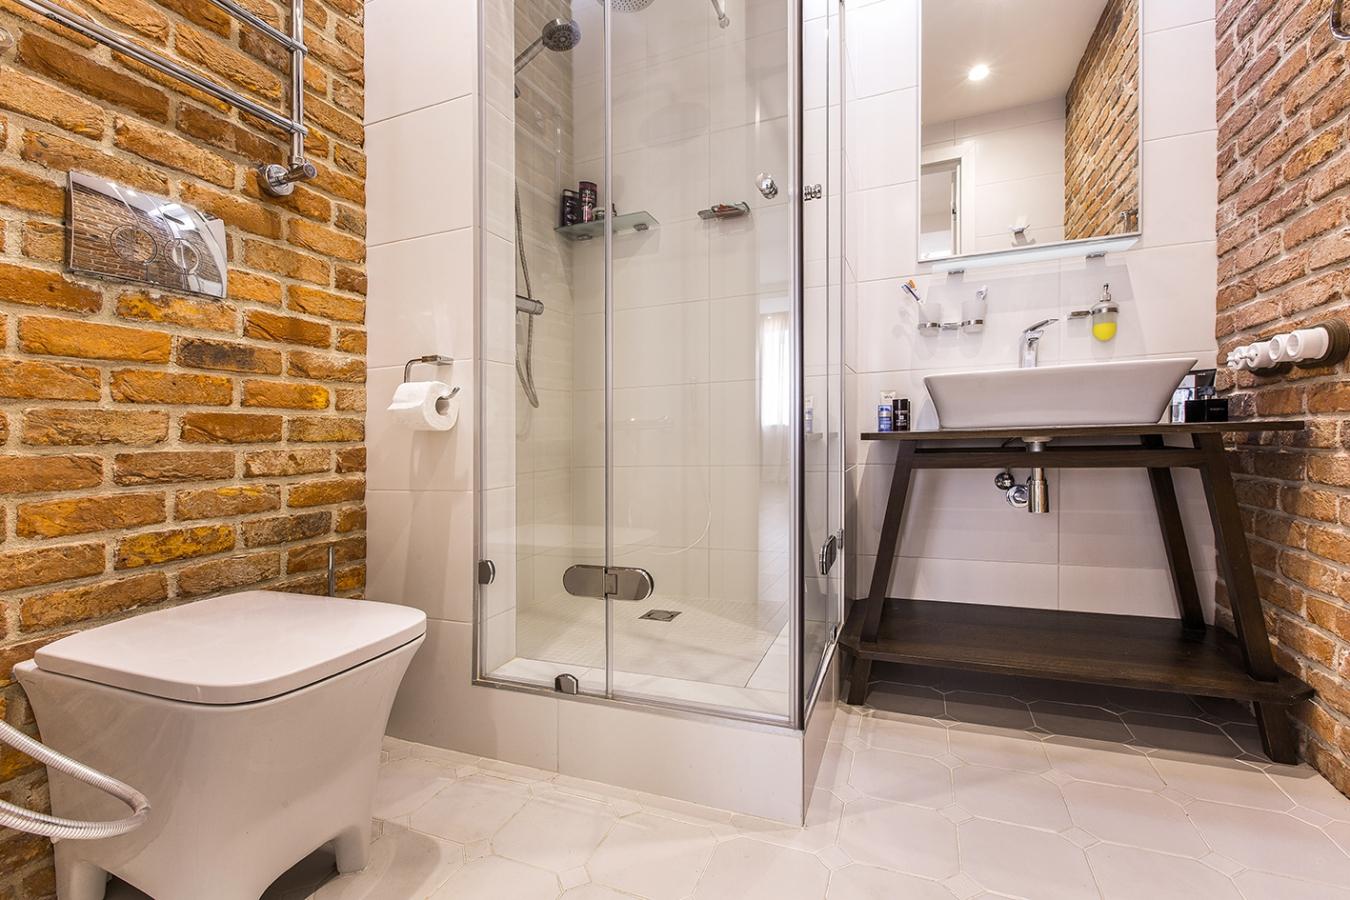 Уютная ванная комната в стиле лофт с кирпичными стенами